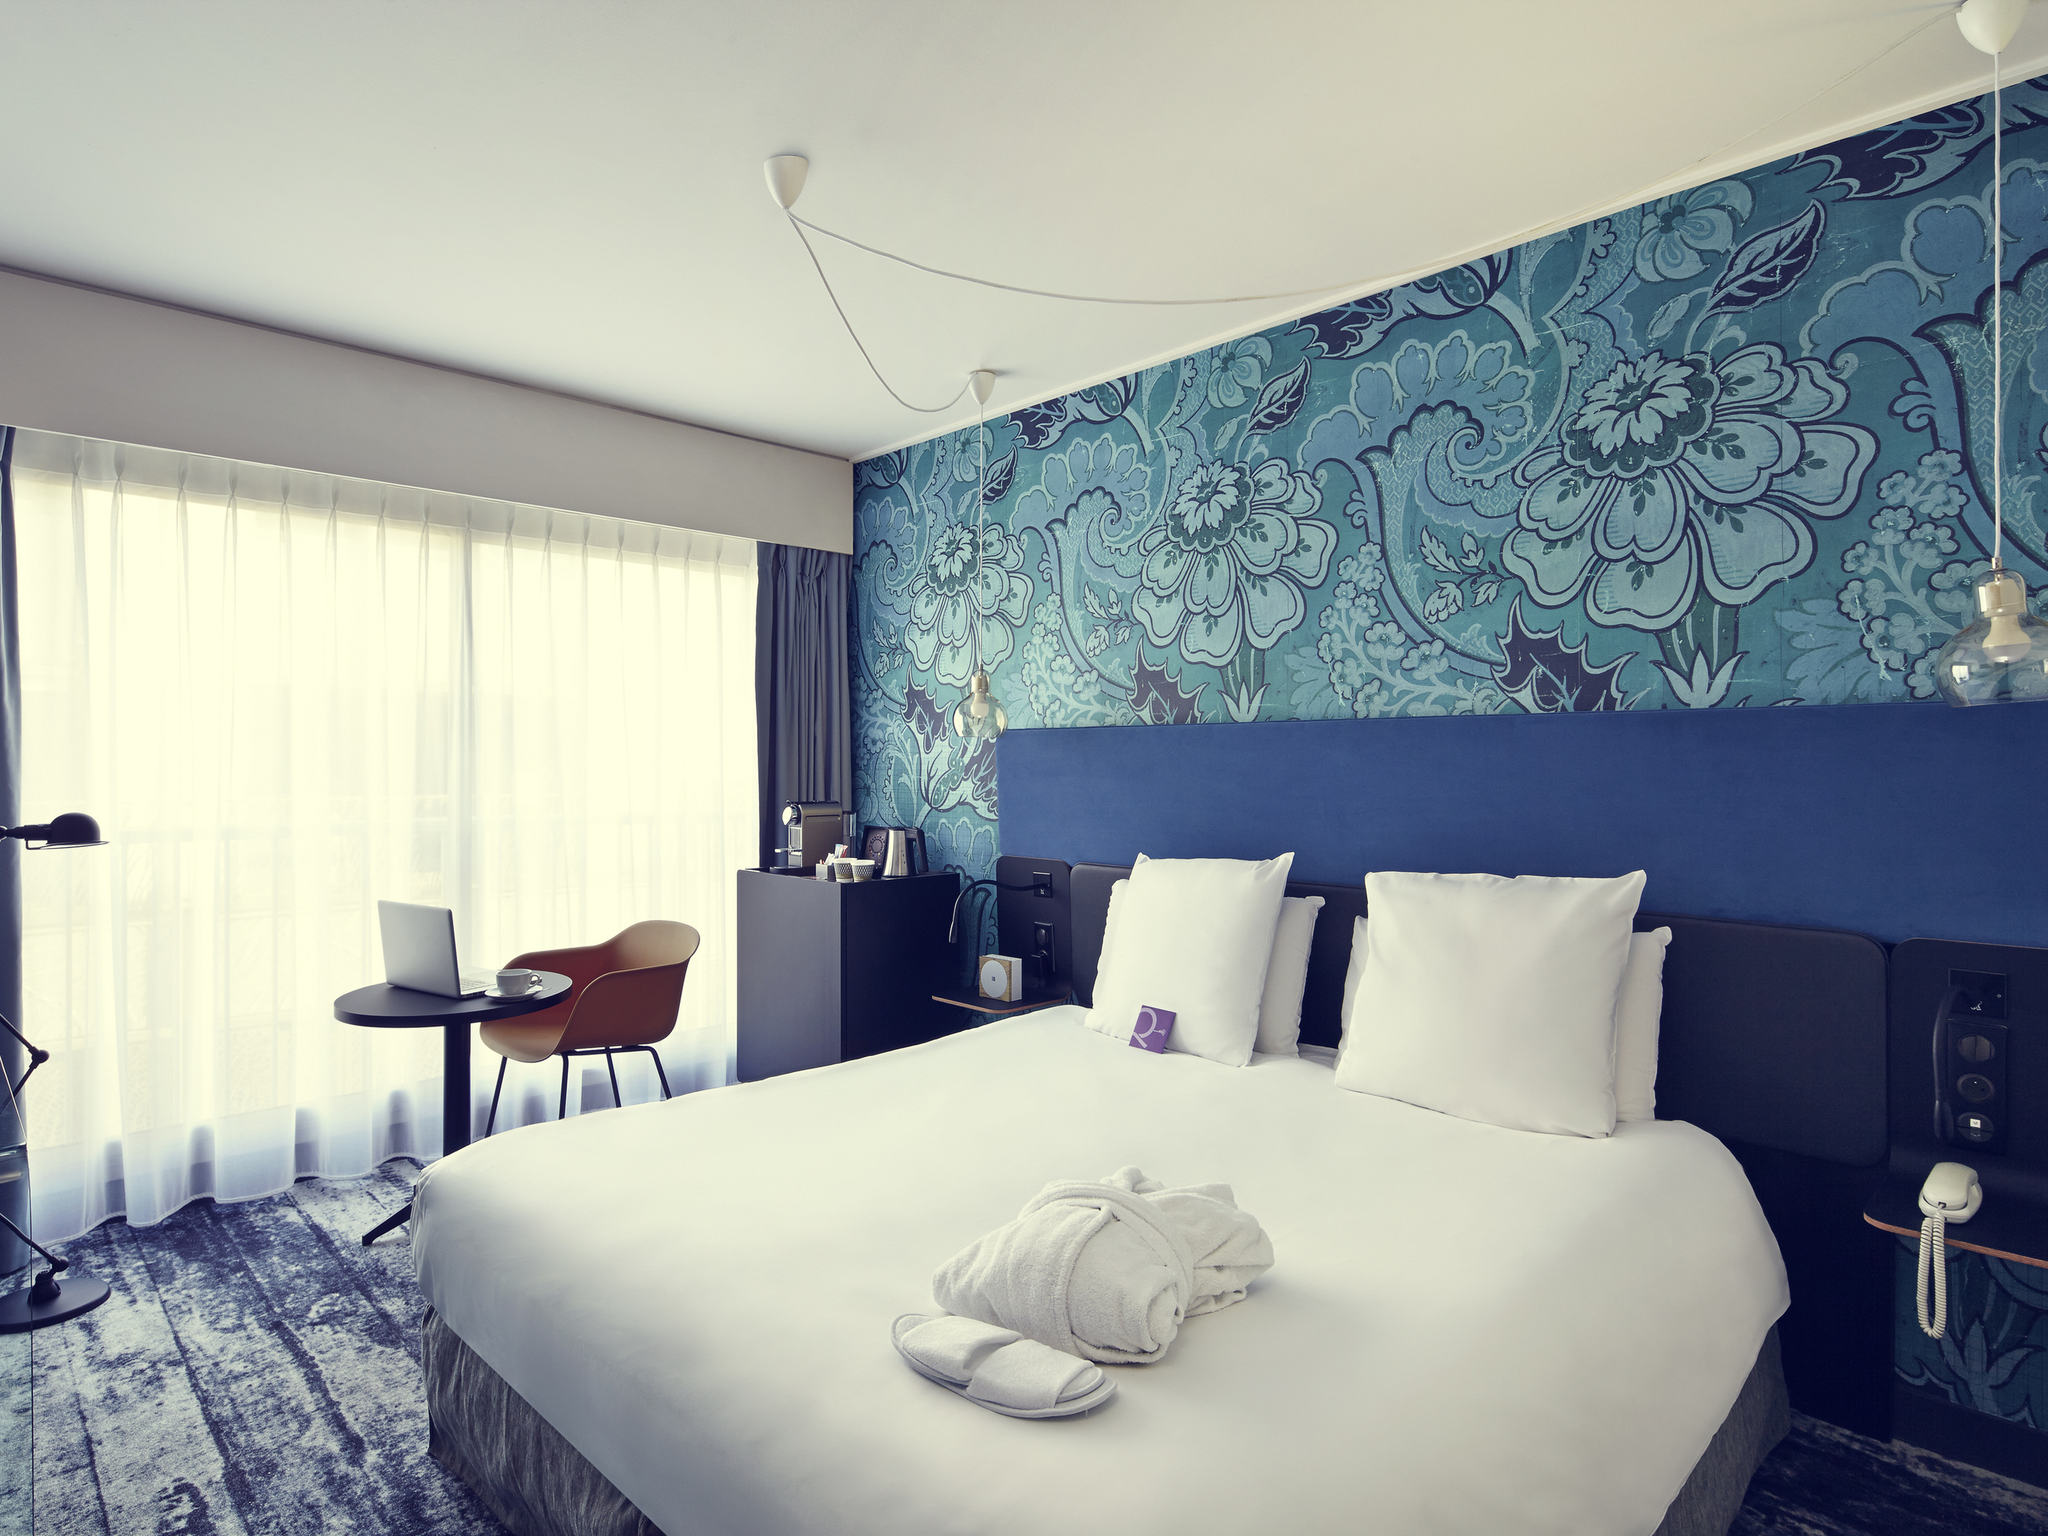 ホテル – メルキュールパリバスティーユサンタントワーヌ